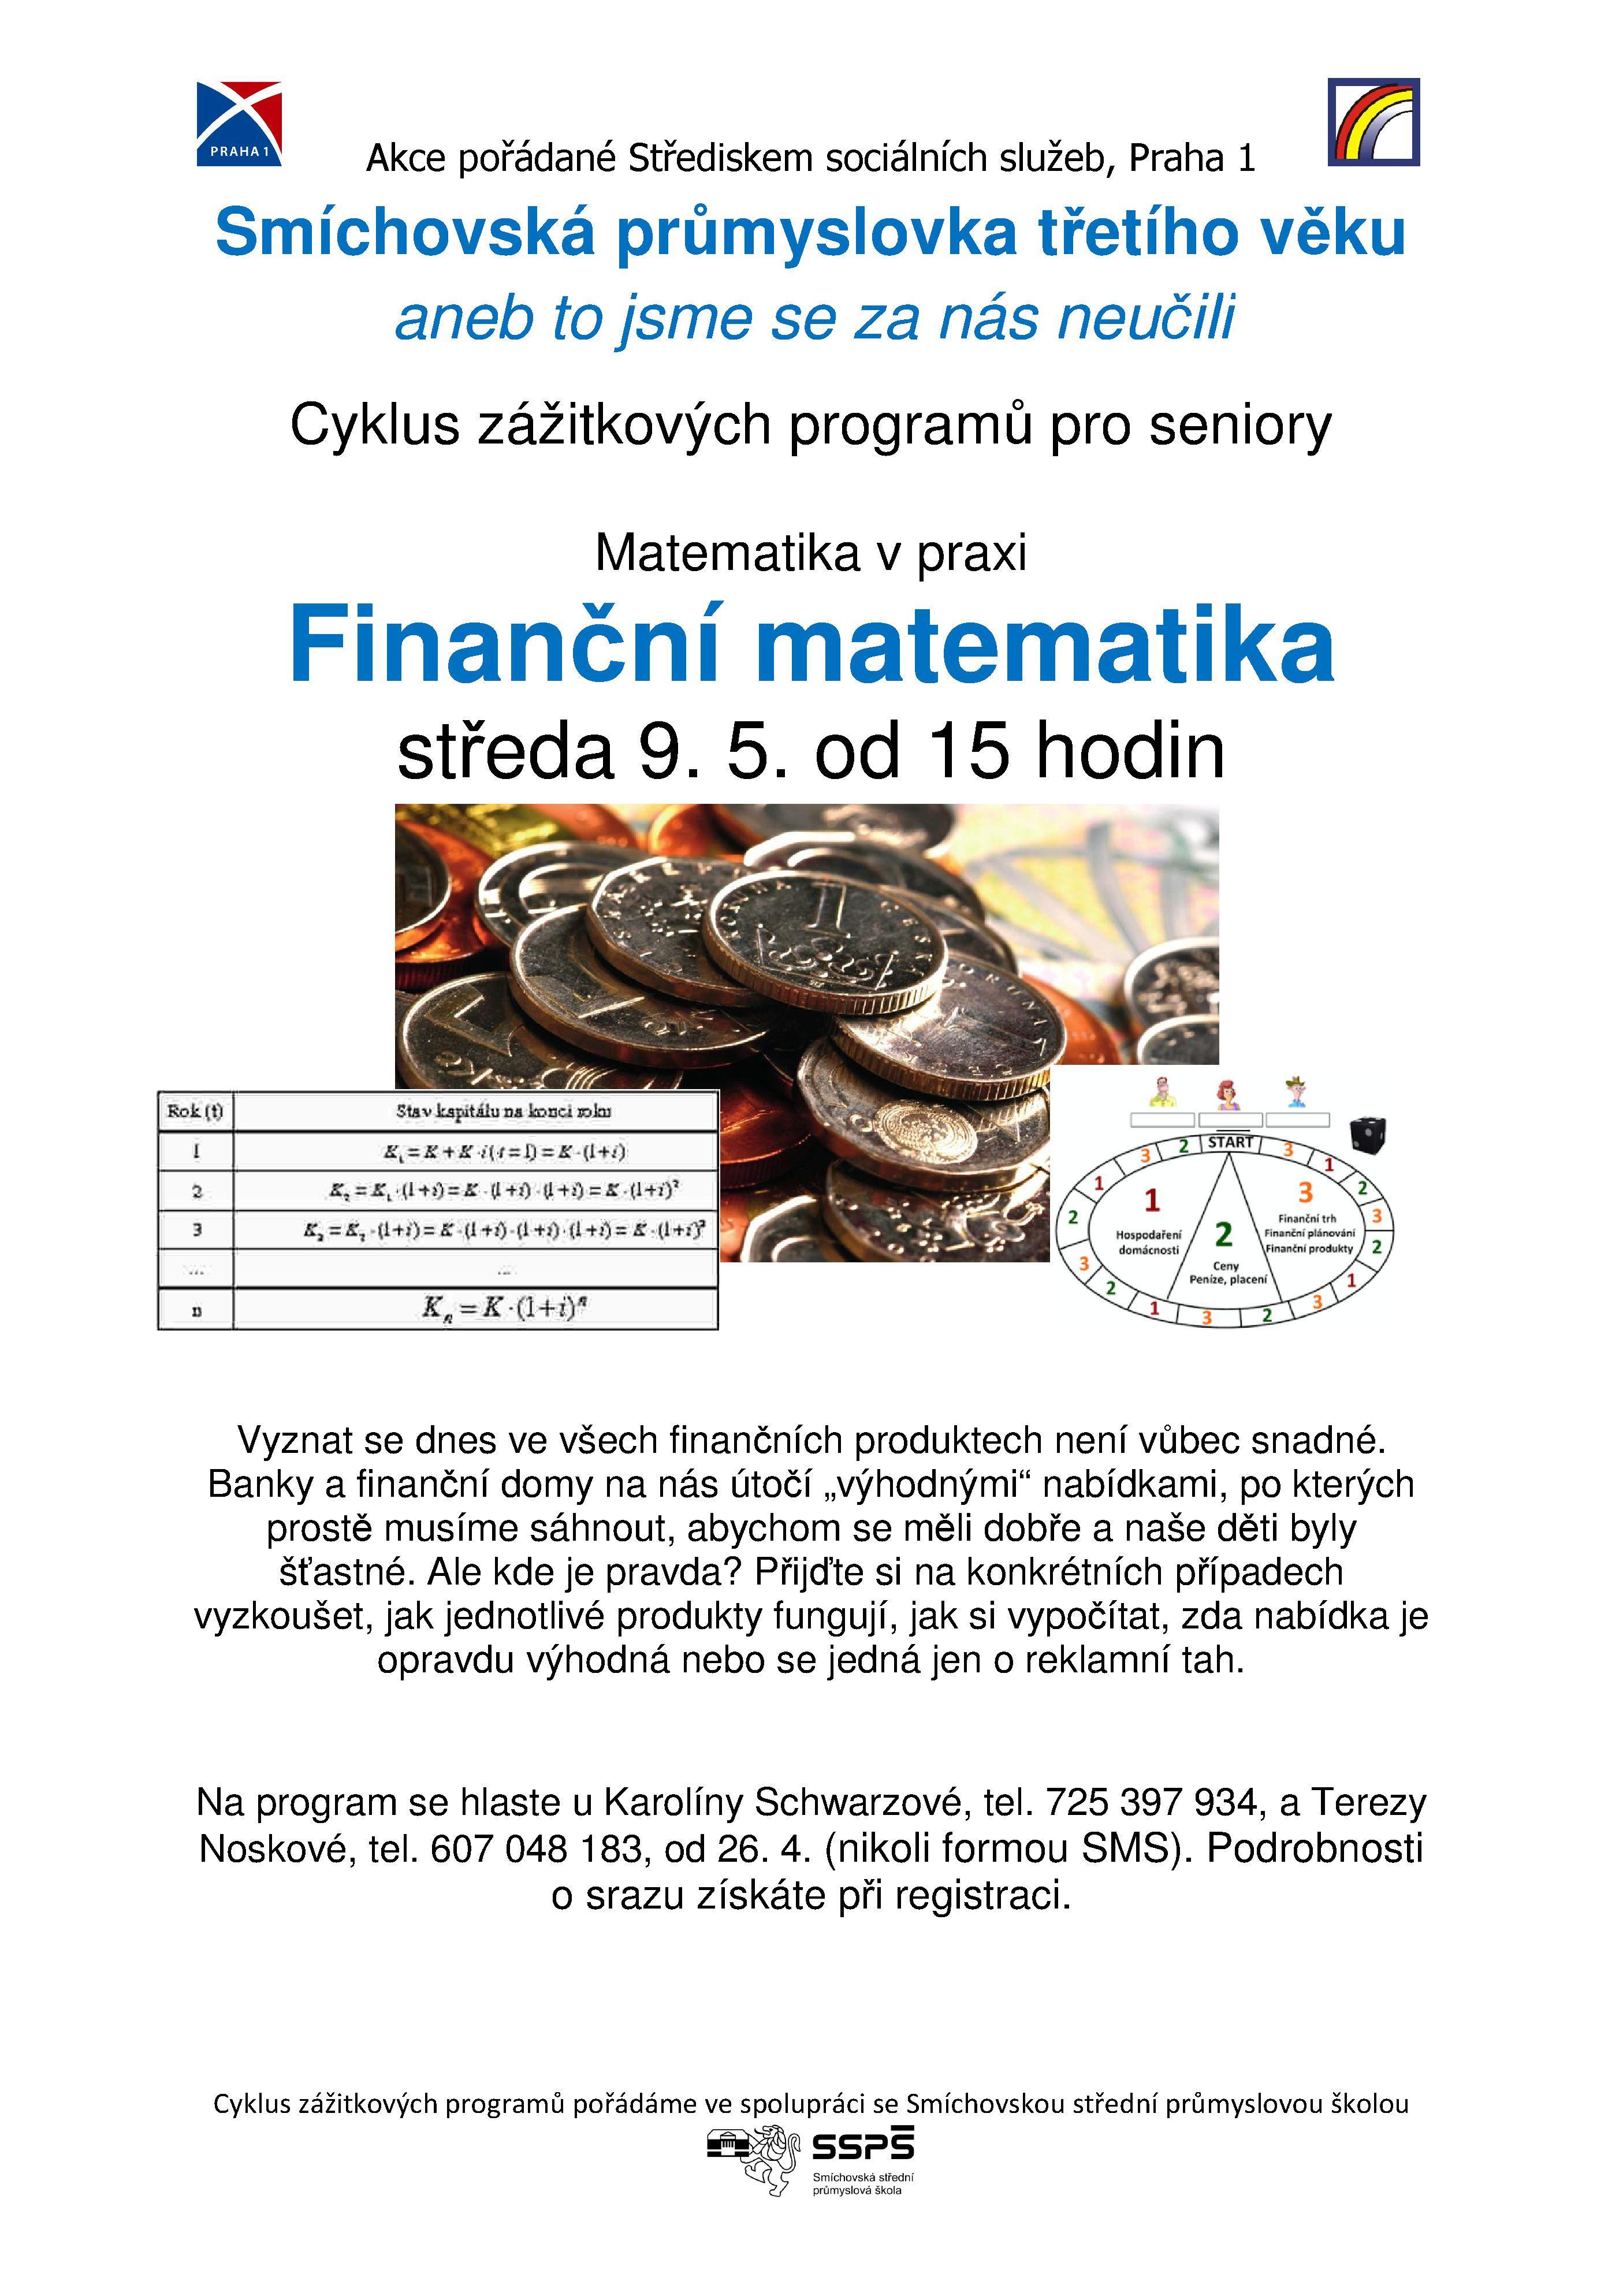 Finanční matematika 9.5.2018